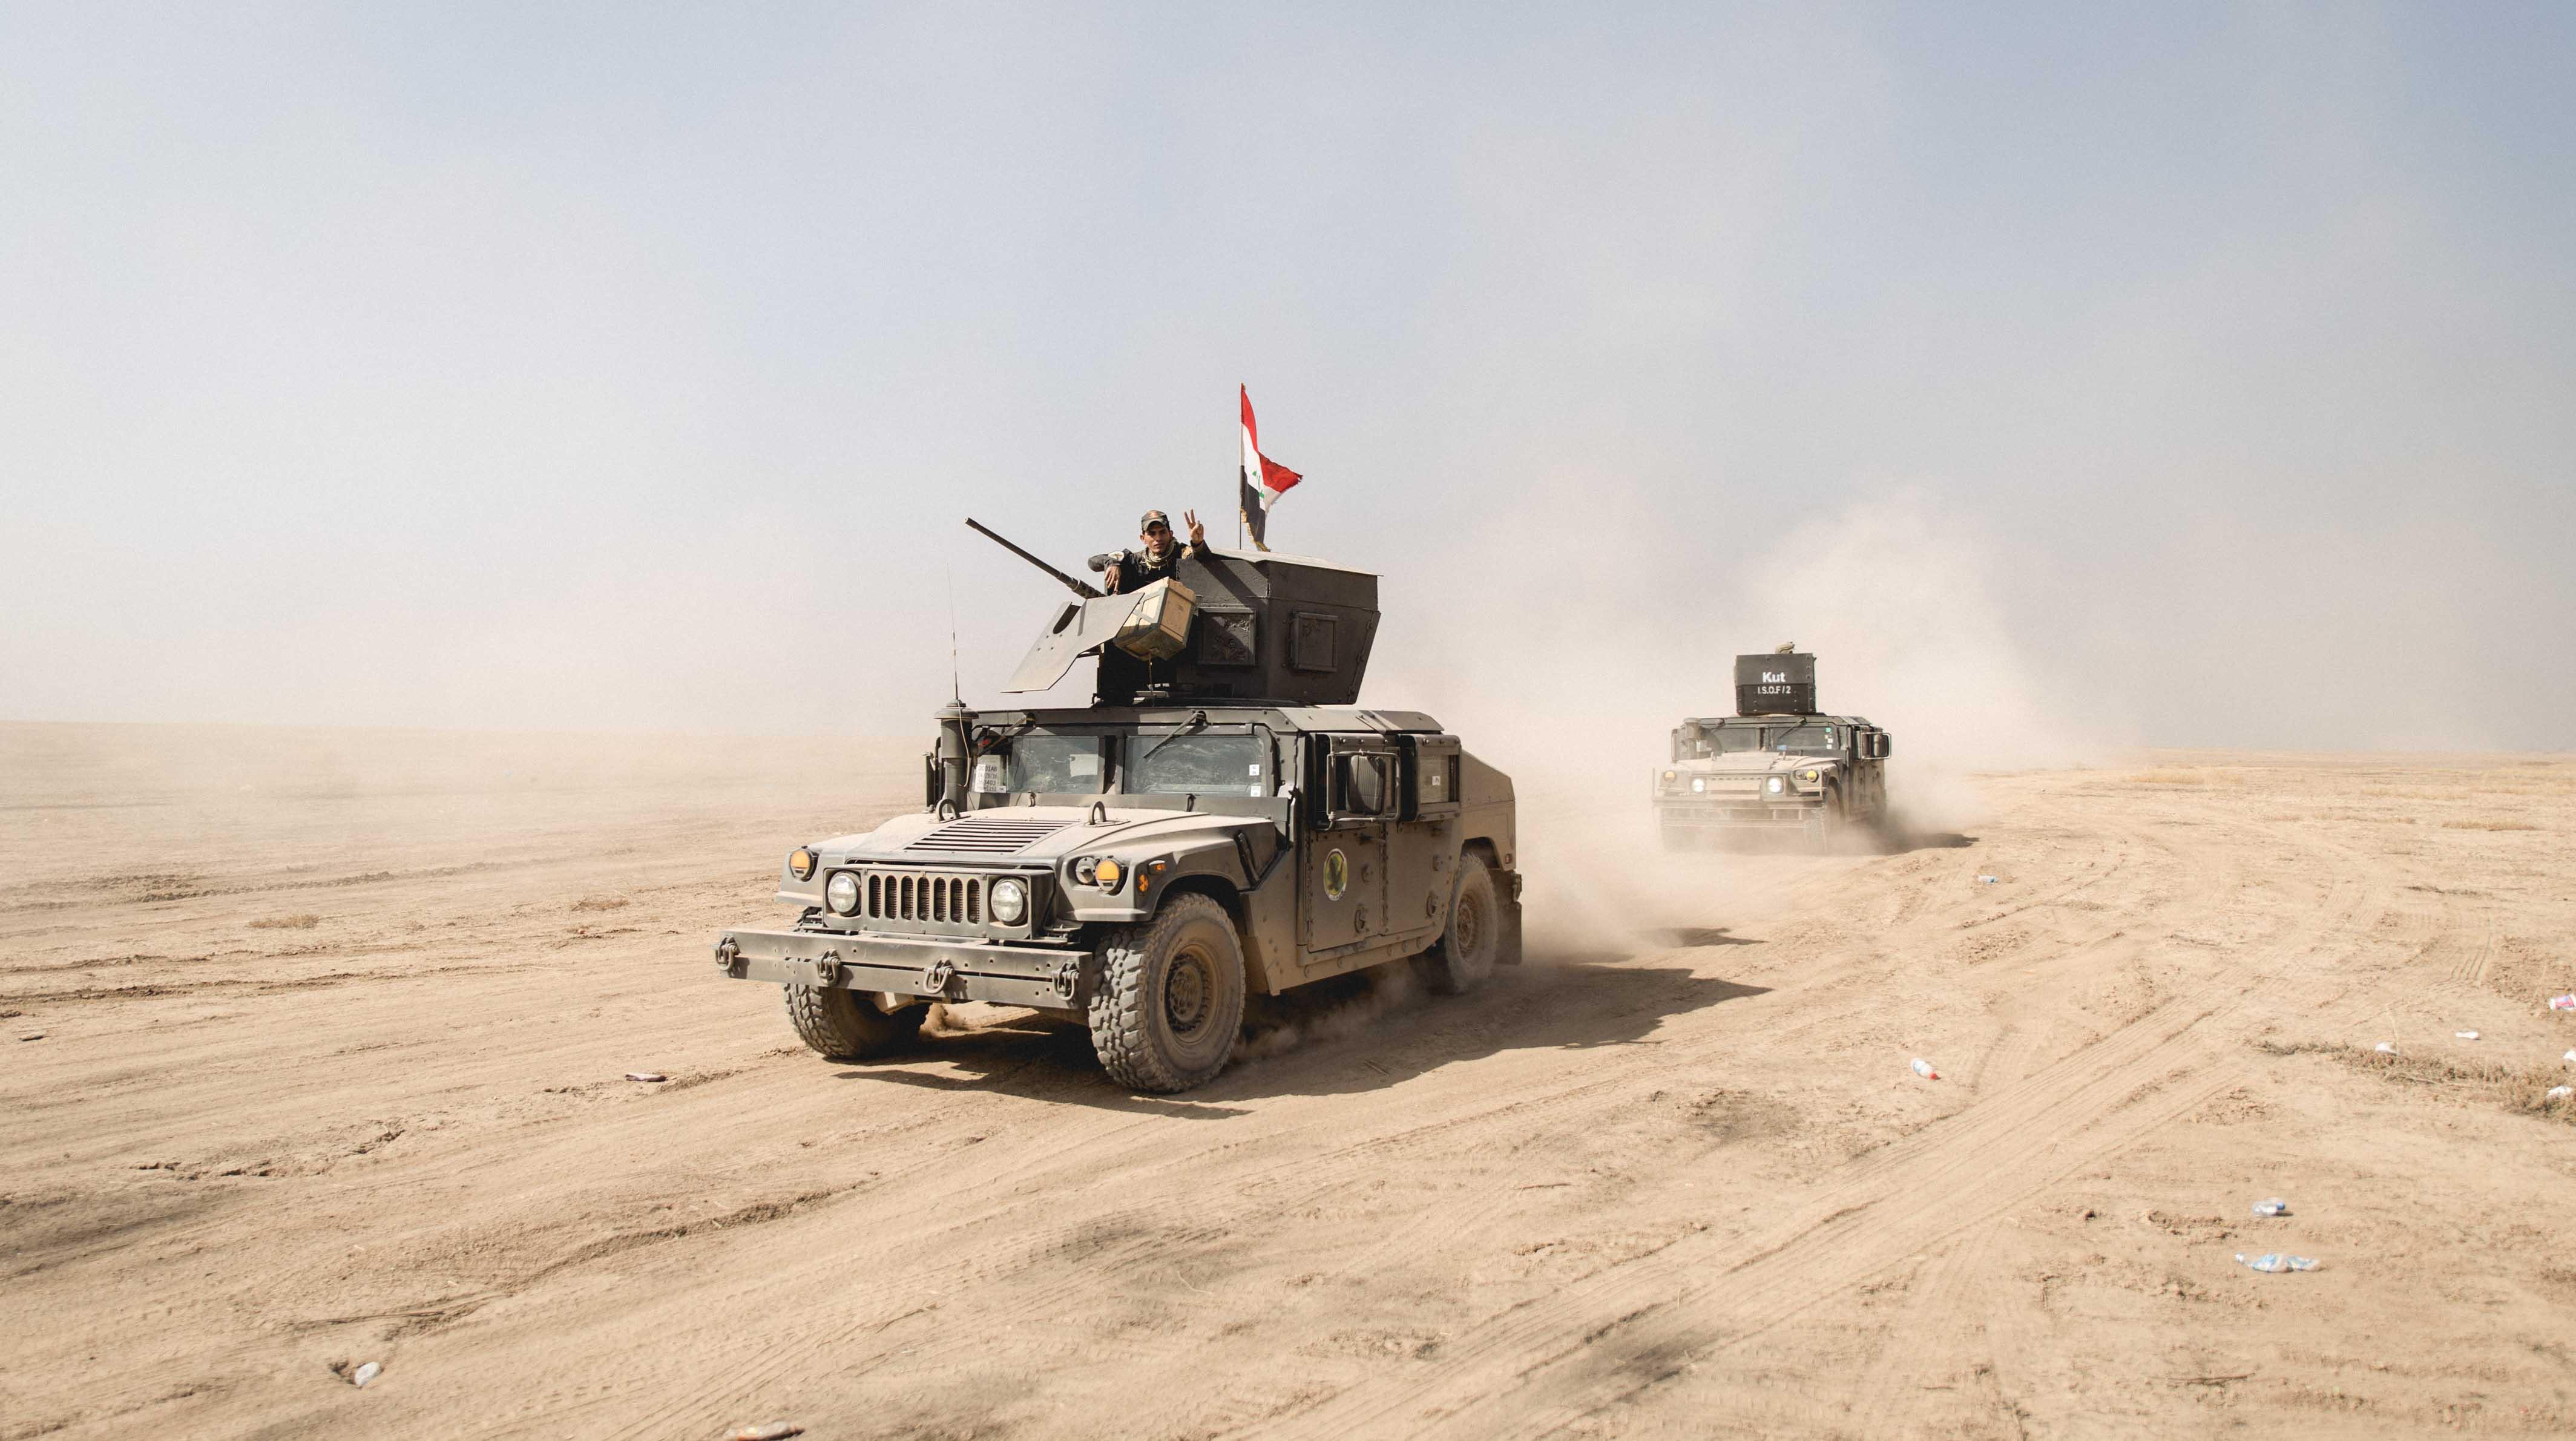 Le premier jour de l'offensive contre Mossoul s'est déroulé sous le contrôle des Peshmergas avec l'aide de la coalition. Certains villages ont été libéré du joug de l'Etat Islamique avant que l'armée irakienne vienne libérer les villages chrétiens dans les jours qui suivent. © Quentin Bruno / Hans Lucas